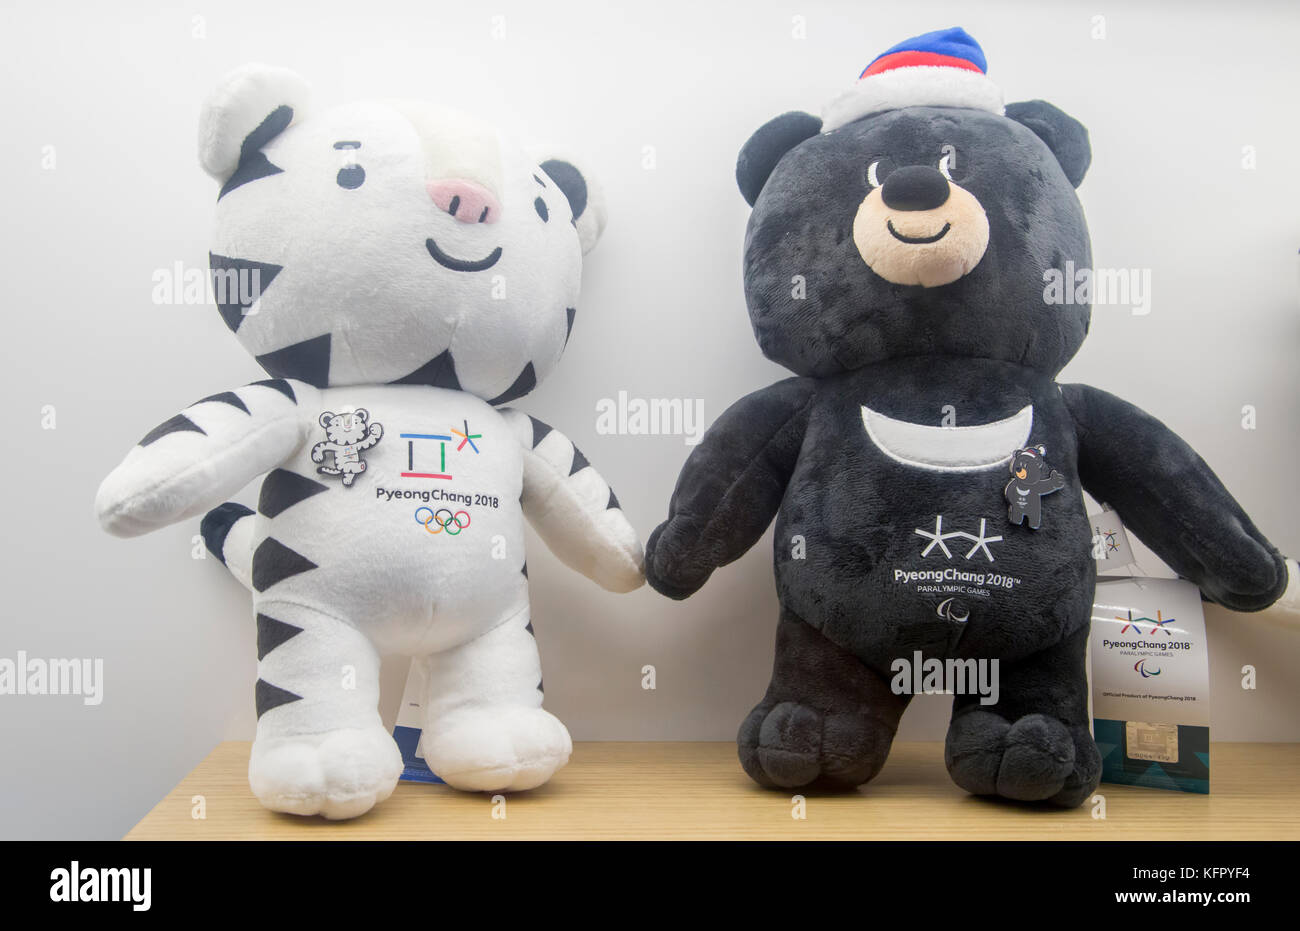 La Mascota De Los Juegos Olimpicos De Invierno Pyeongchang Oct 30